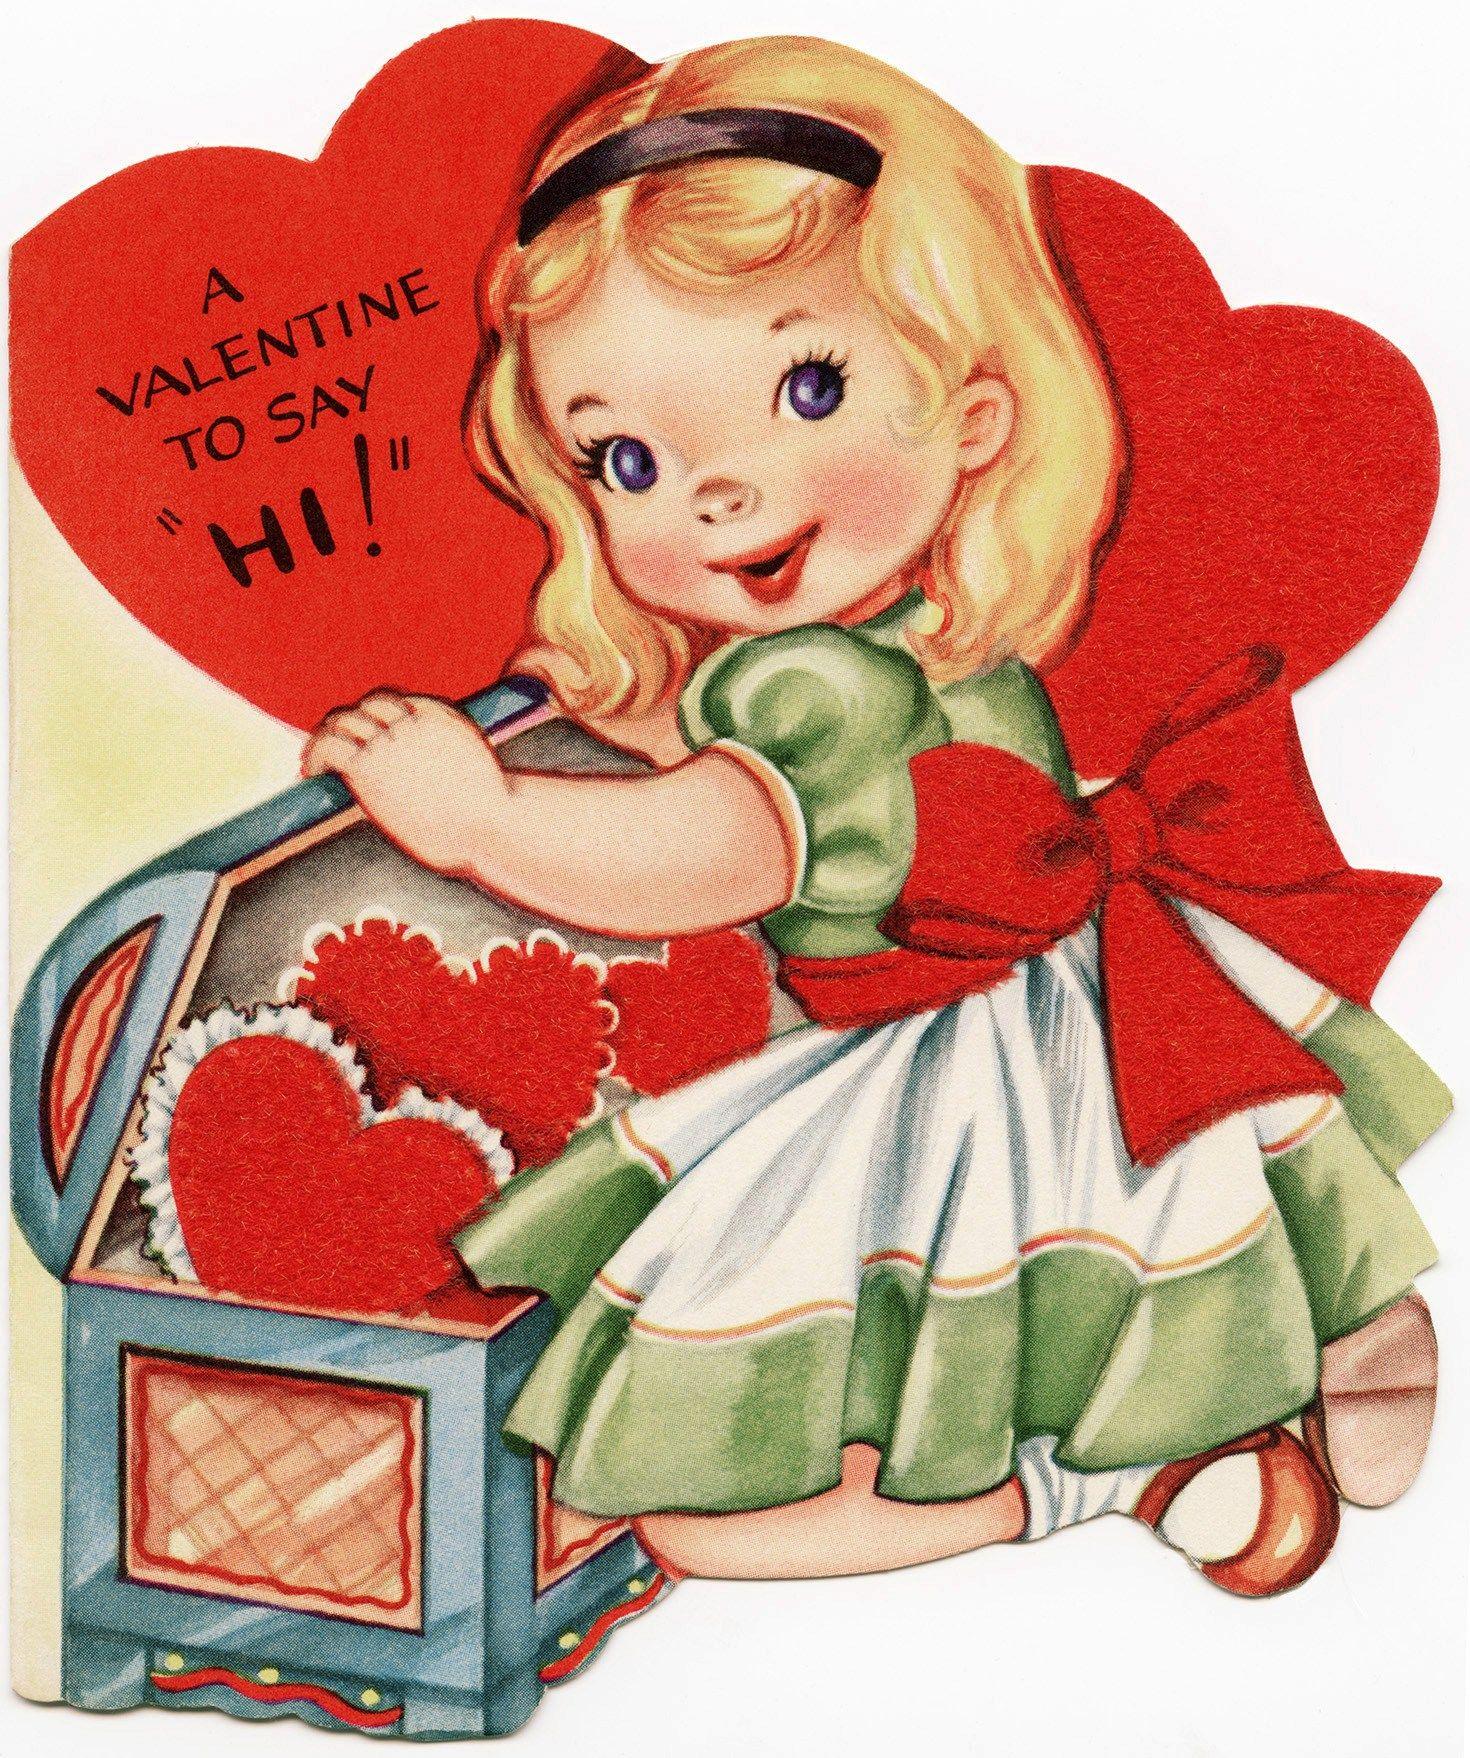 Vintage Valentine Free Valentine Graphic Old Fashioned Greeting